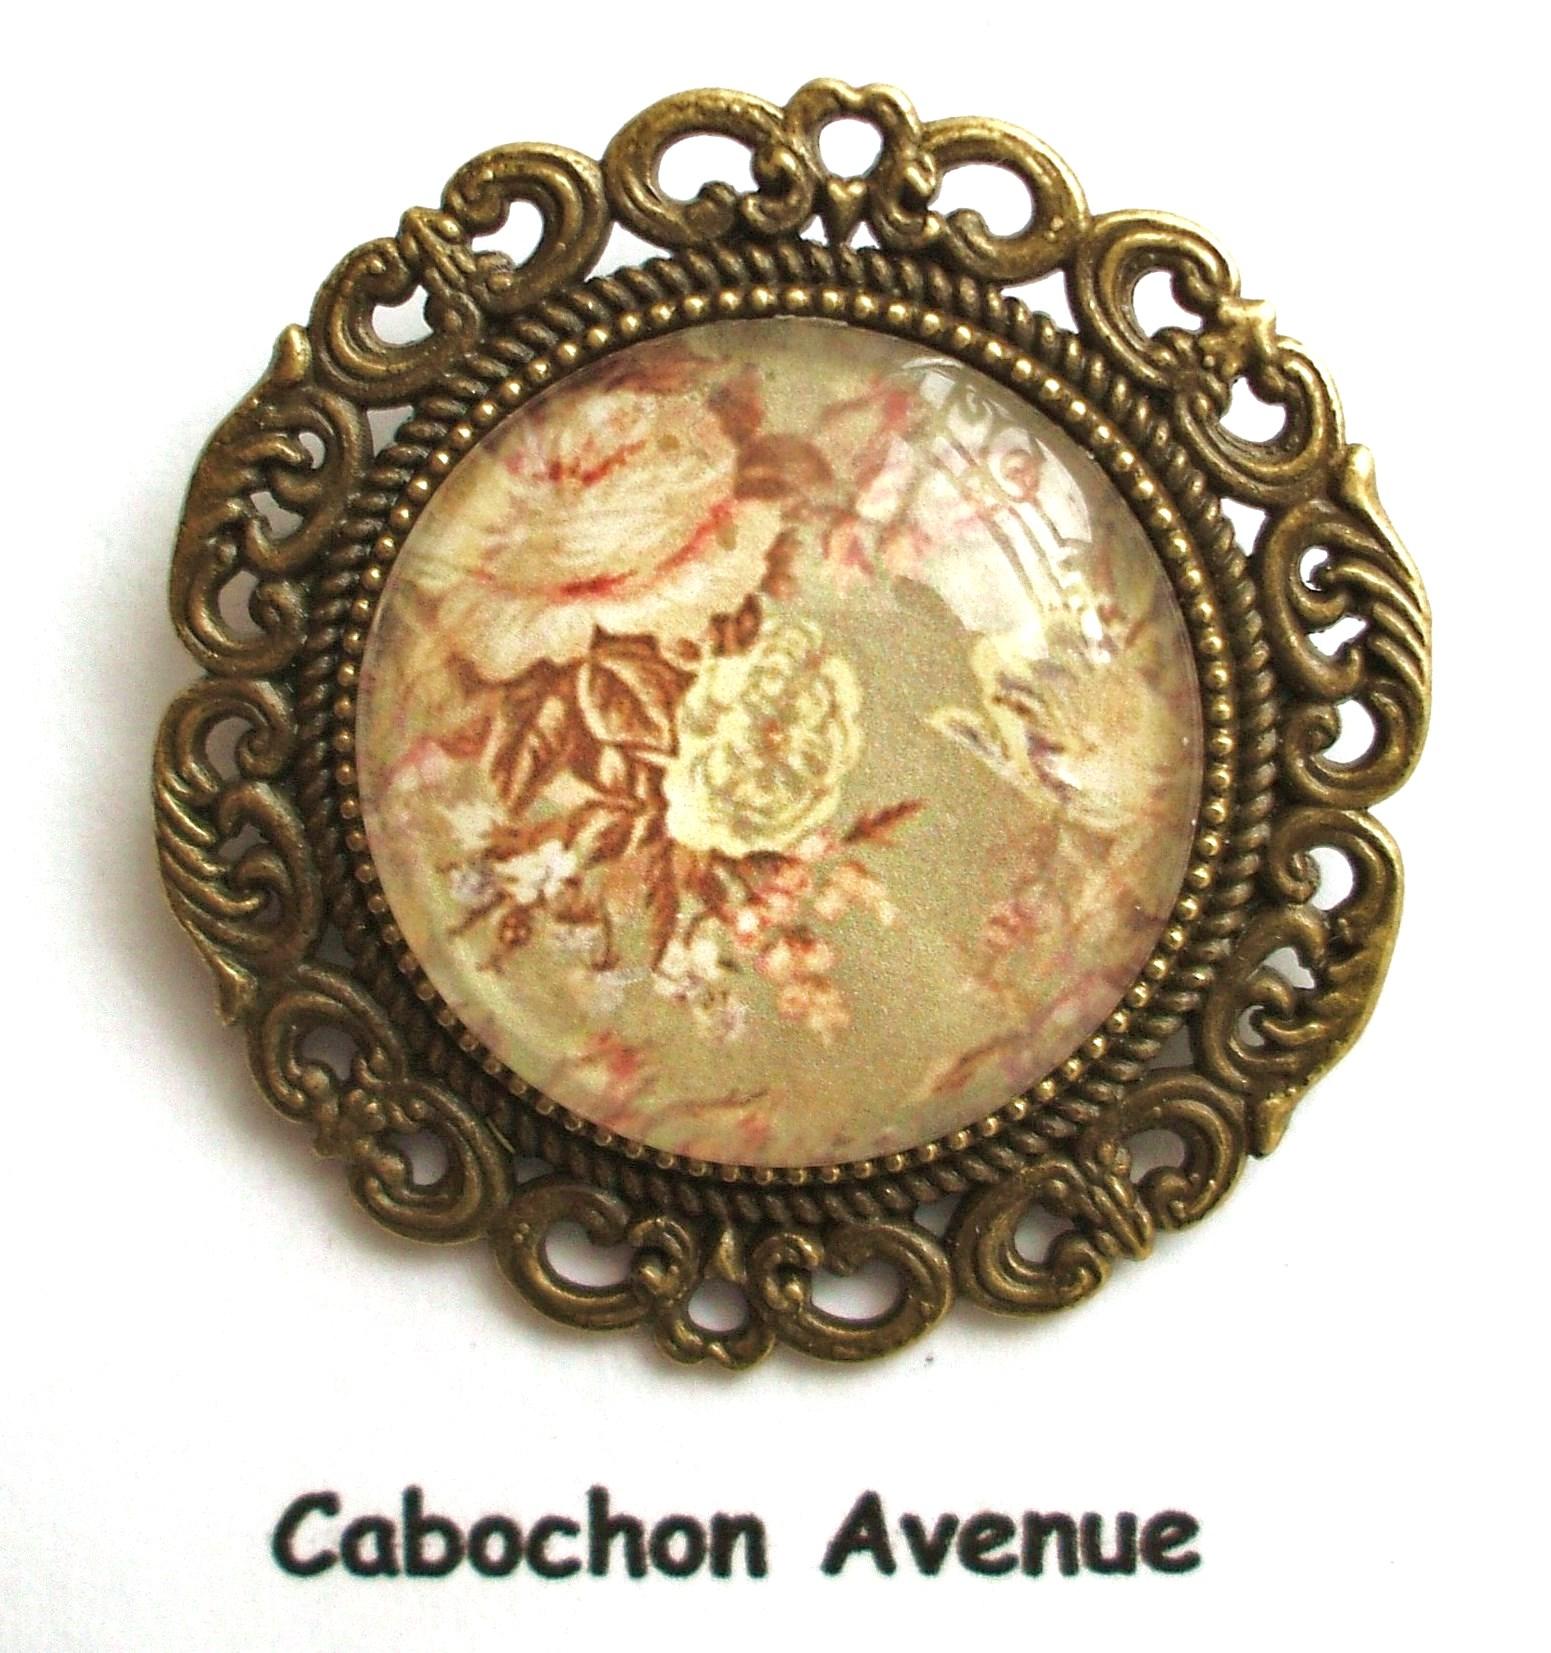 regarder Braderie découvrir les dernières tendances B3.1301 Bijou femme ROSES Broche épingle filigrane bijou fantaisie bronze  cabochon verre BOUQUET FLEURS ROSES ANCIENNES RéTRO VINTAGE (série 3)